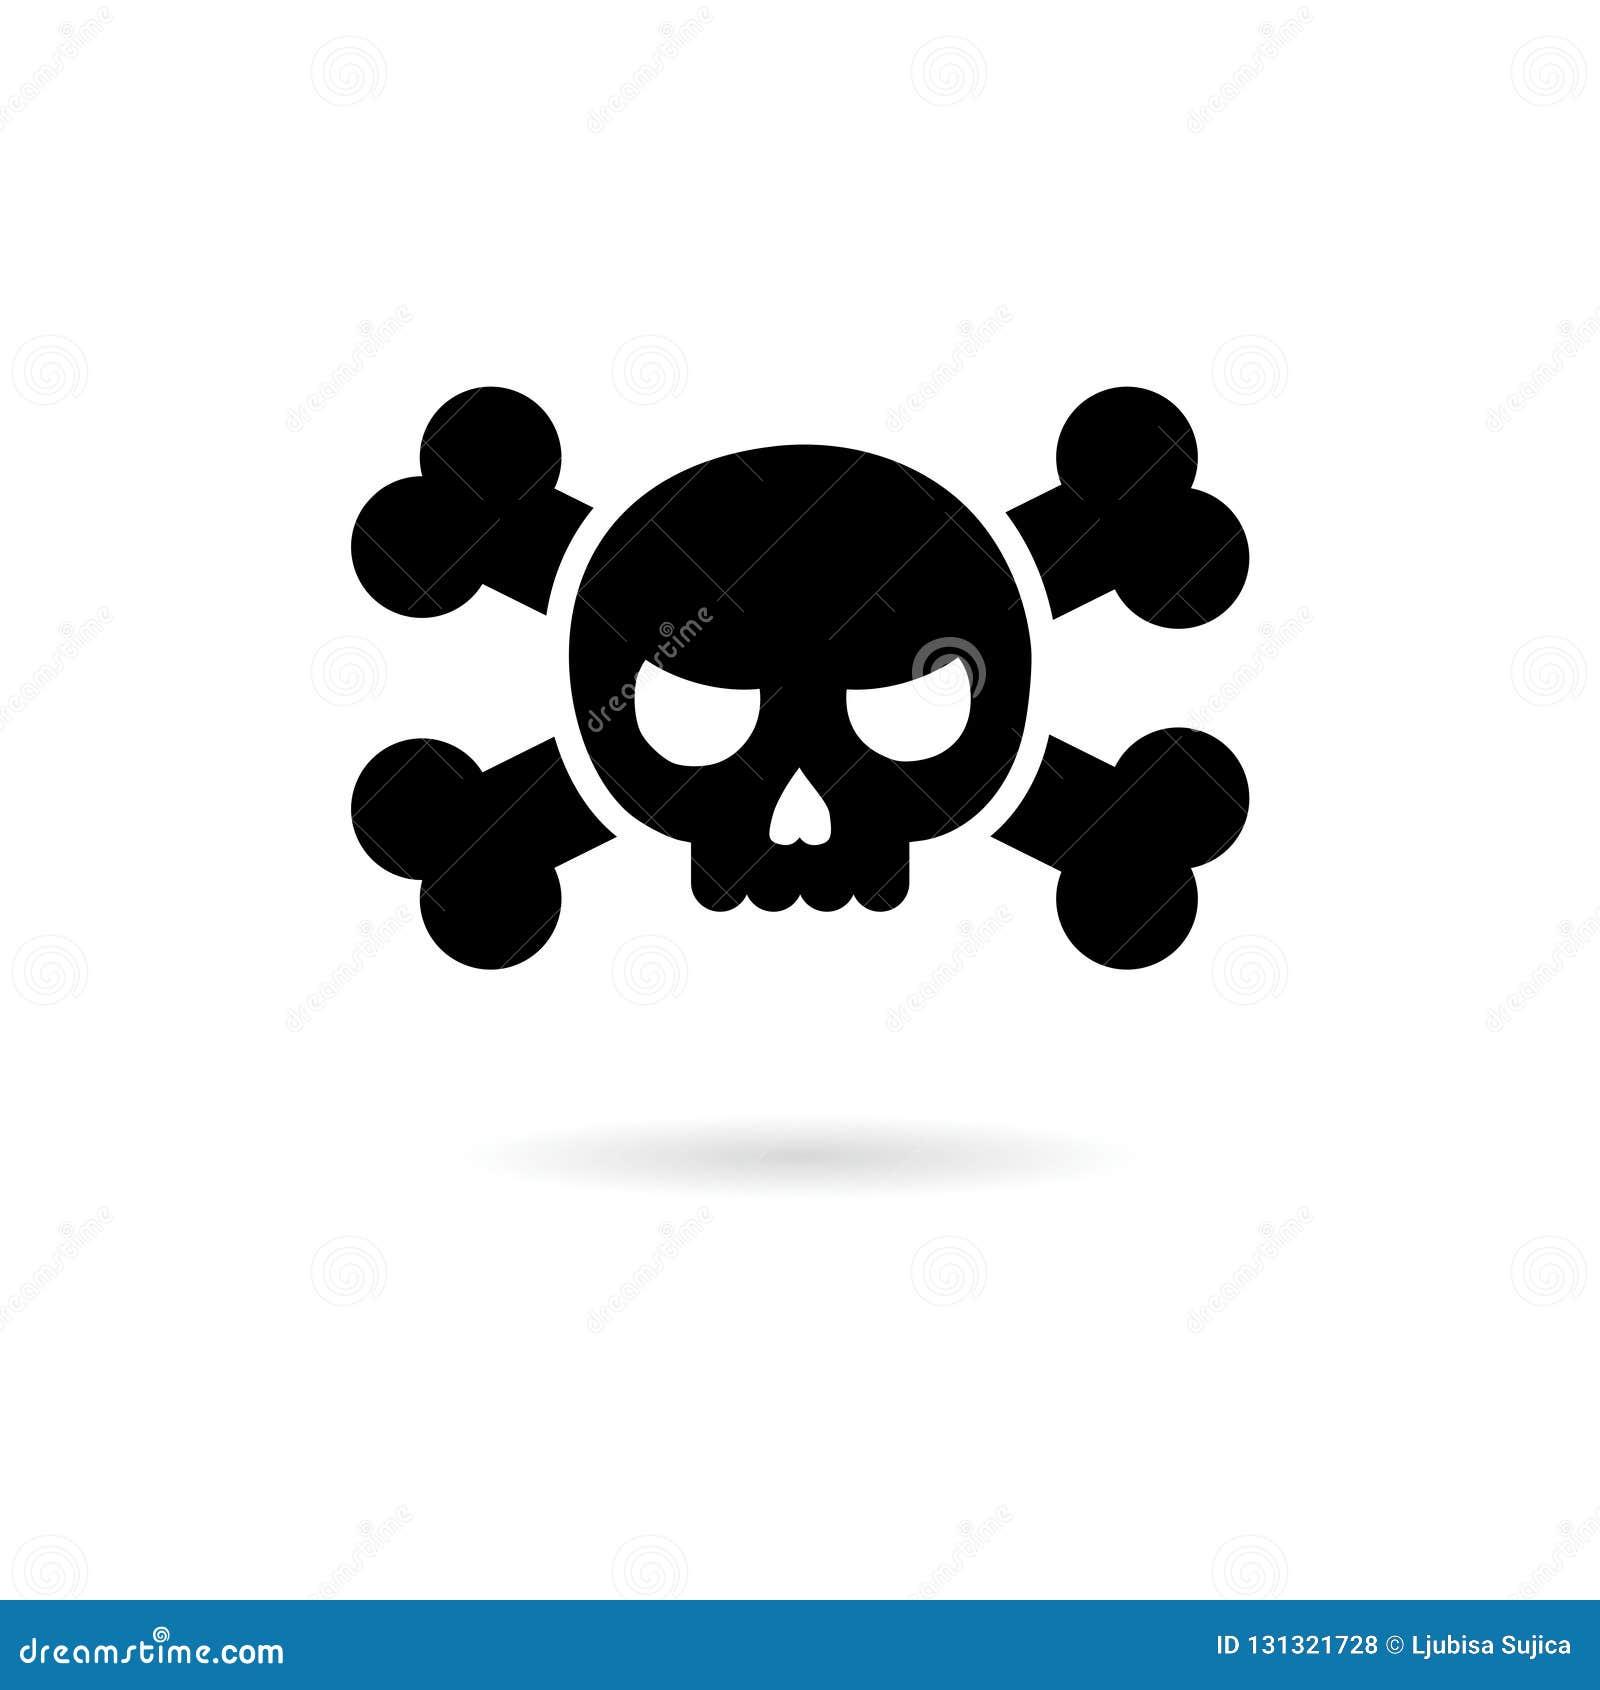 Svart skalle och bensymbol eller logo